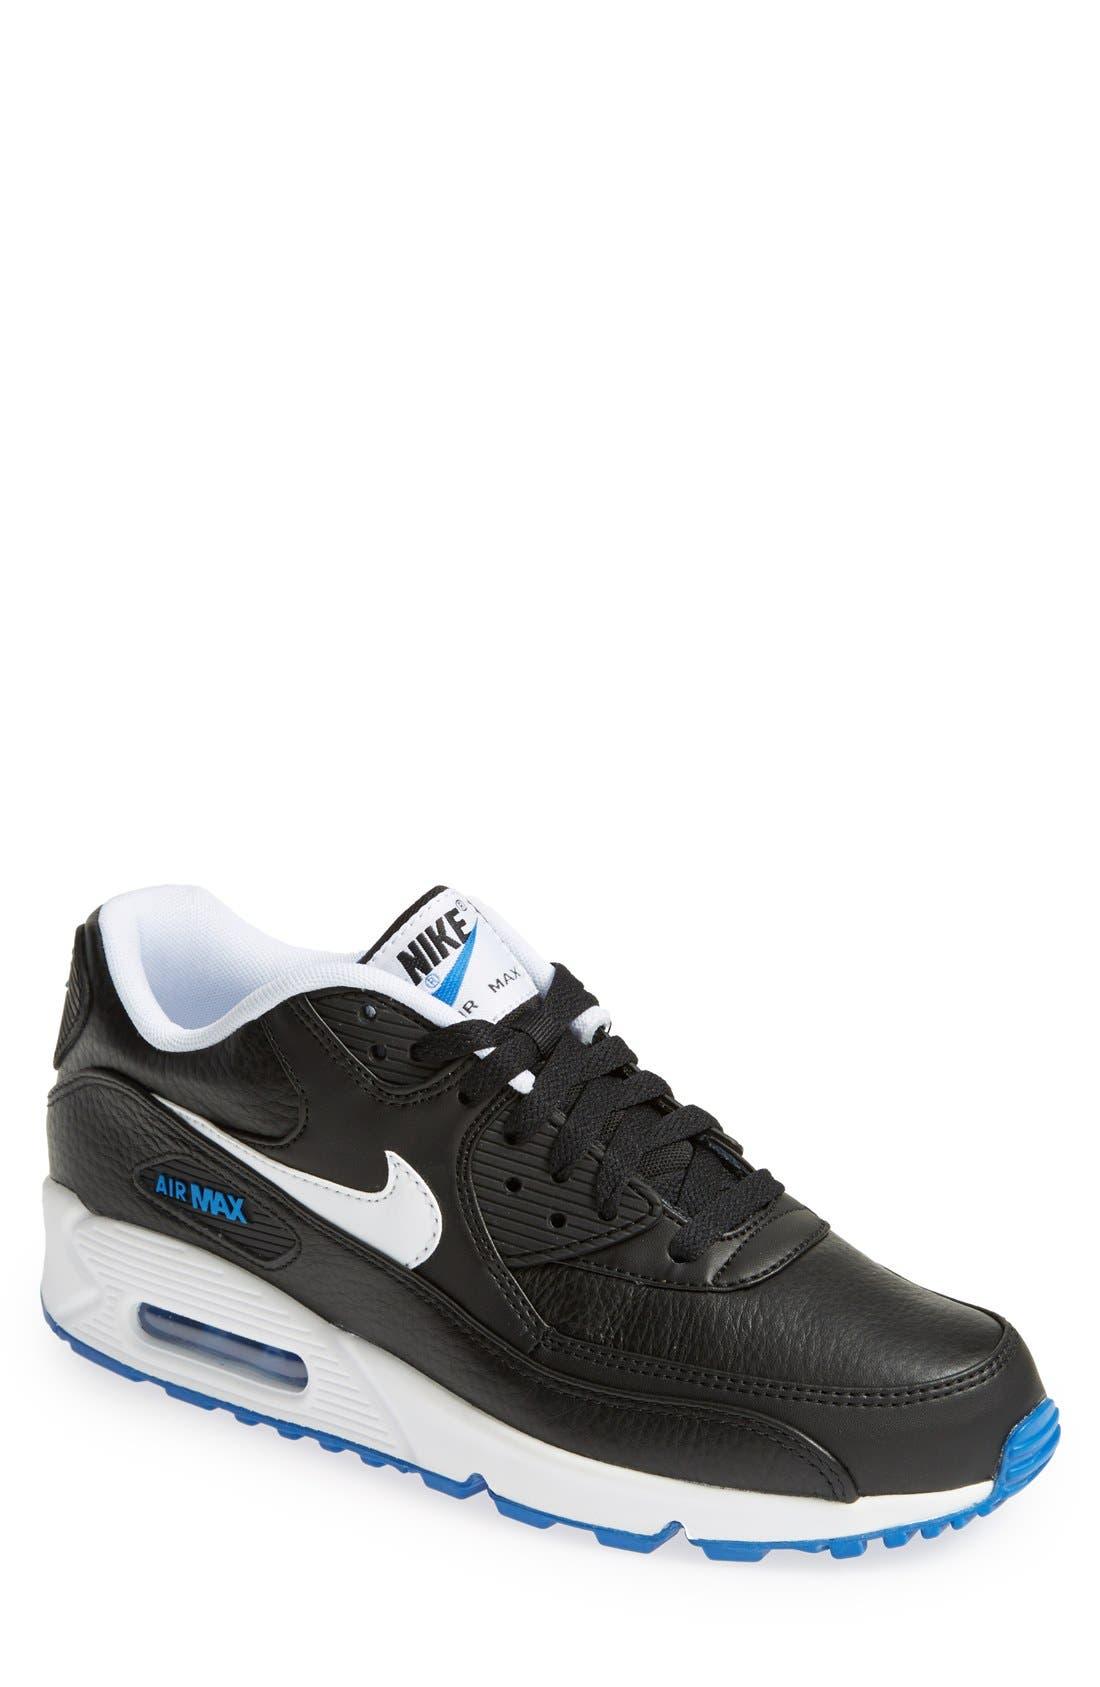 NIKE 'Air Max 90 LTR' Sneaker, Main, color, 001